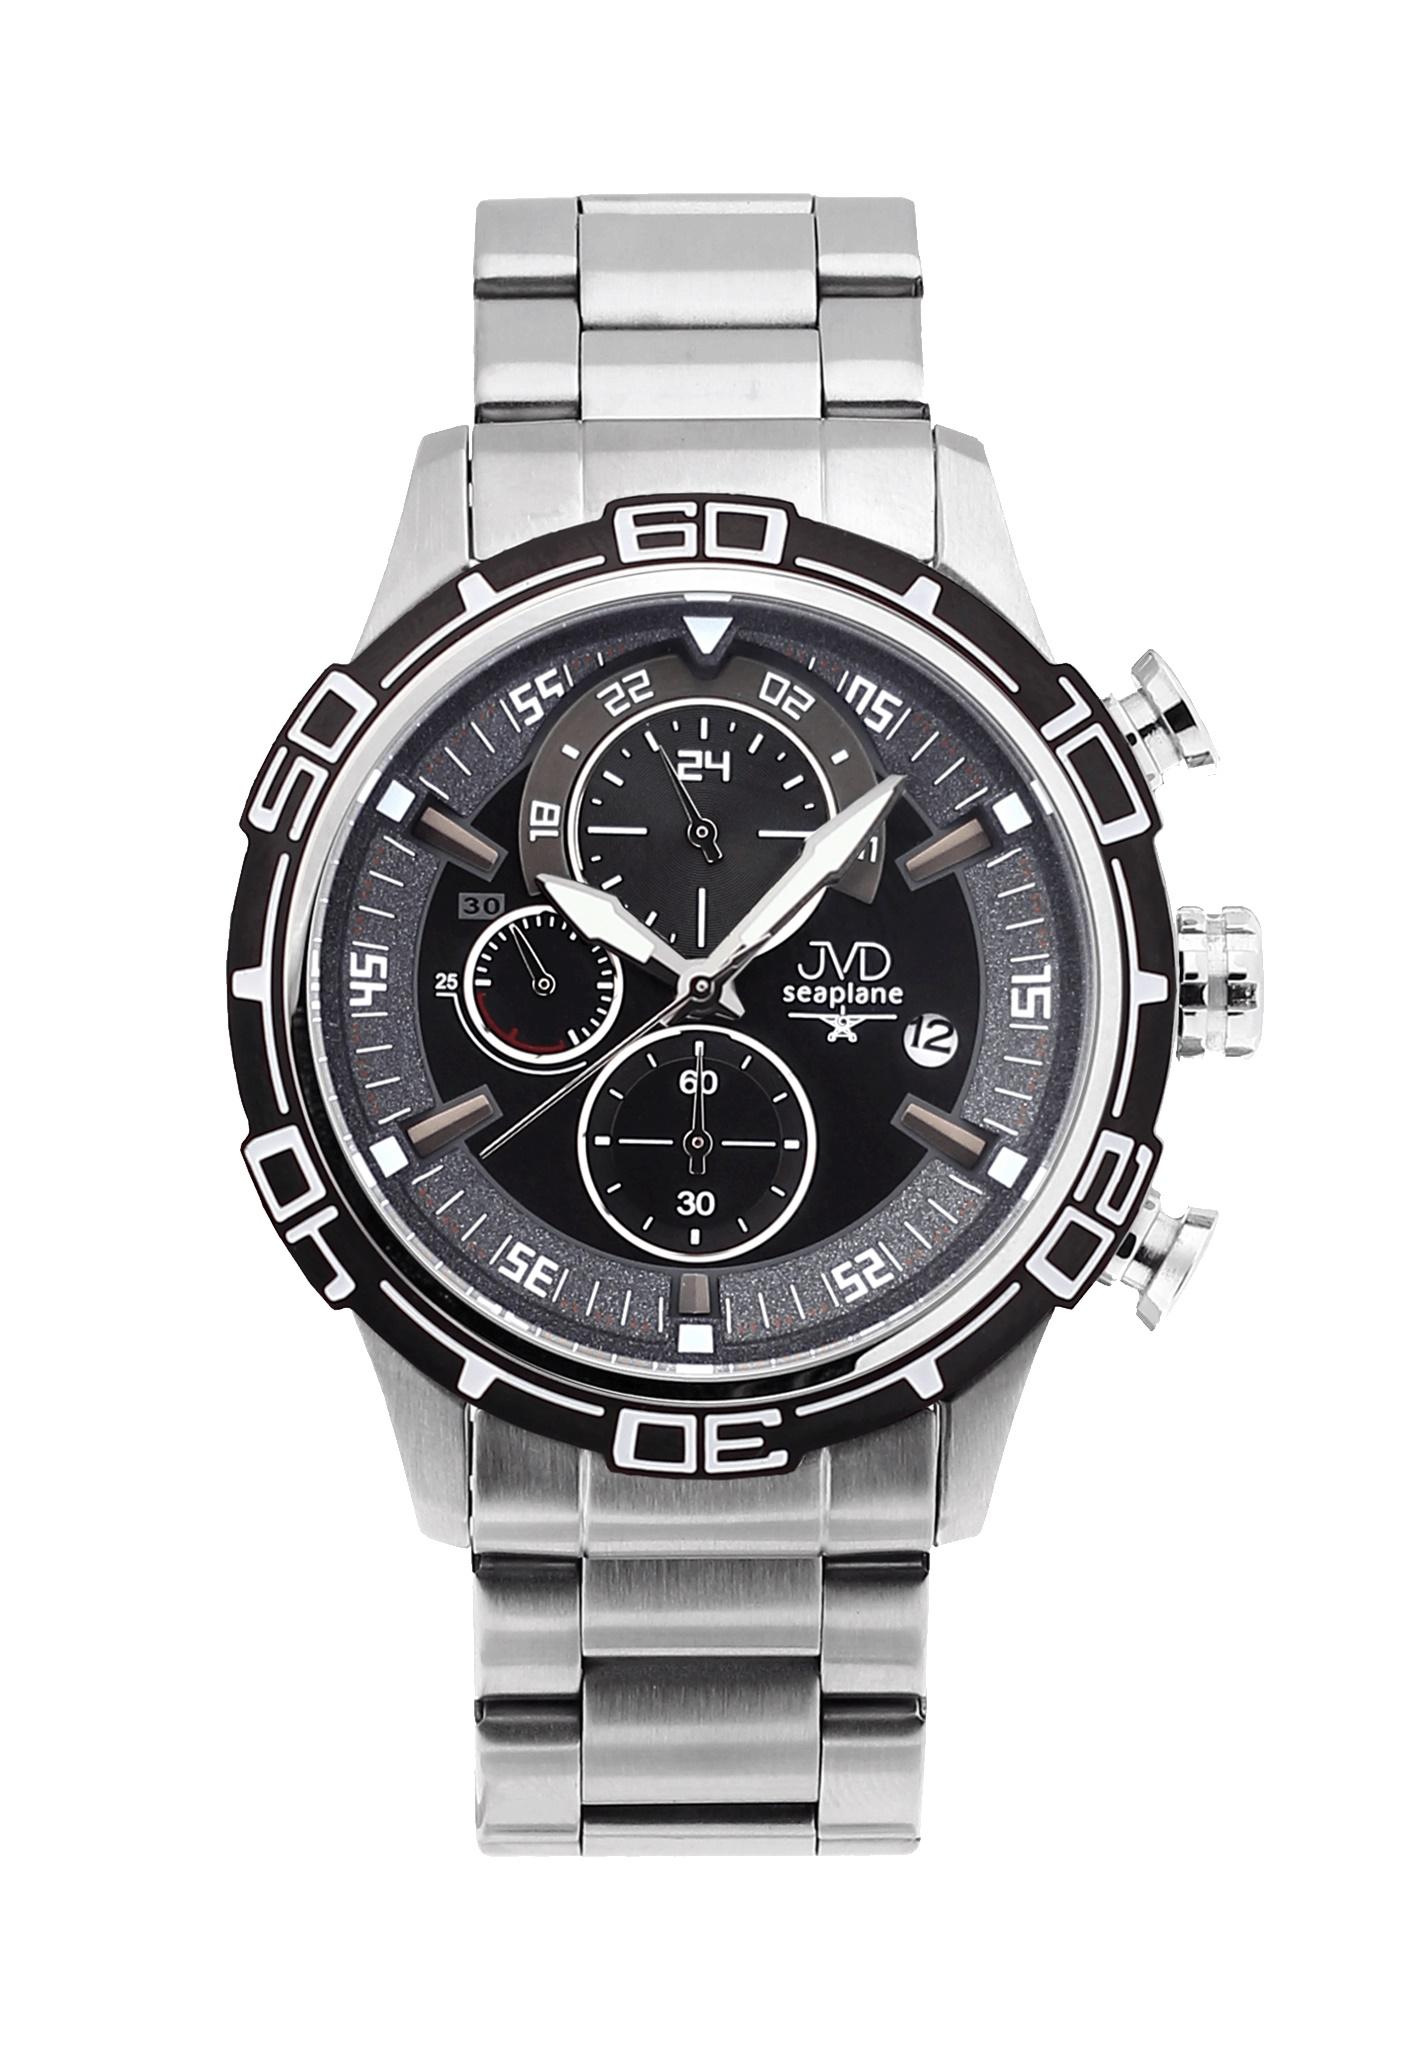 82ff3dc1055 Luxusní chronografy - pánské náramkové hodinky Seaplane MOTION JC684.3  (10ATM - vodotěsné